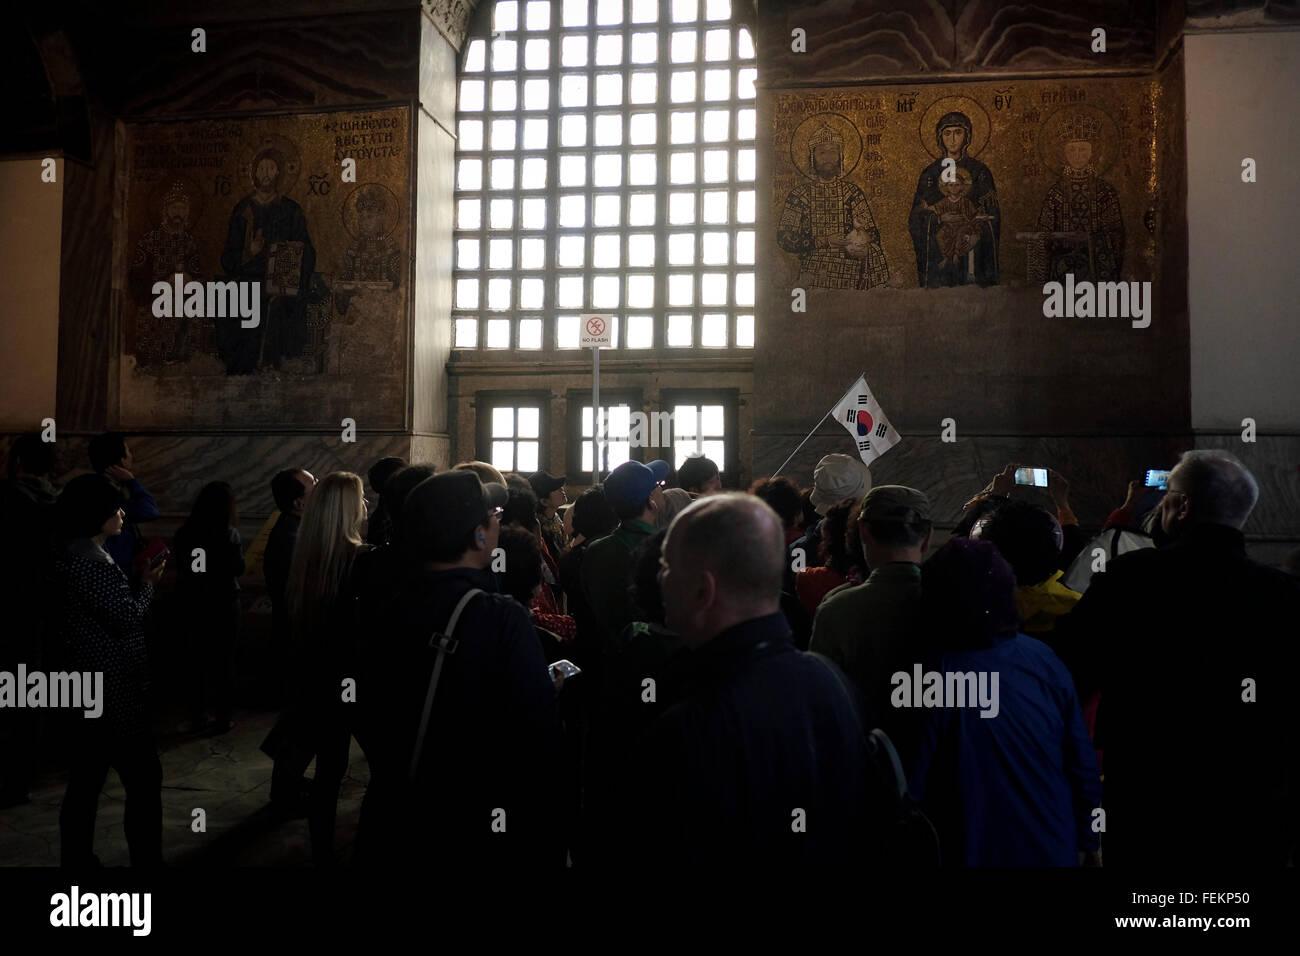 Geführte Besichtigung der südkoreanische Touristen in der Hagia Sophia, Istanbul, Türkei am 3. Mai Stockbild